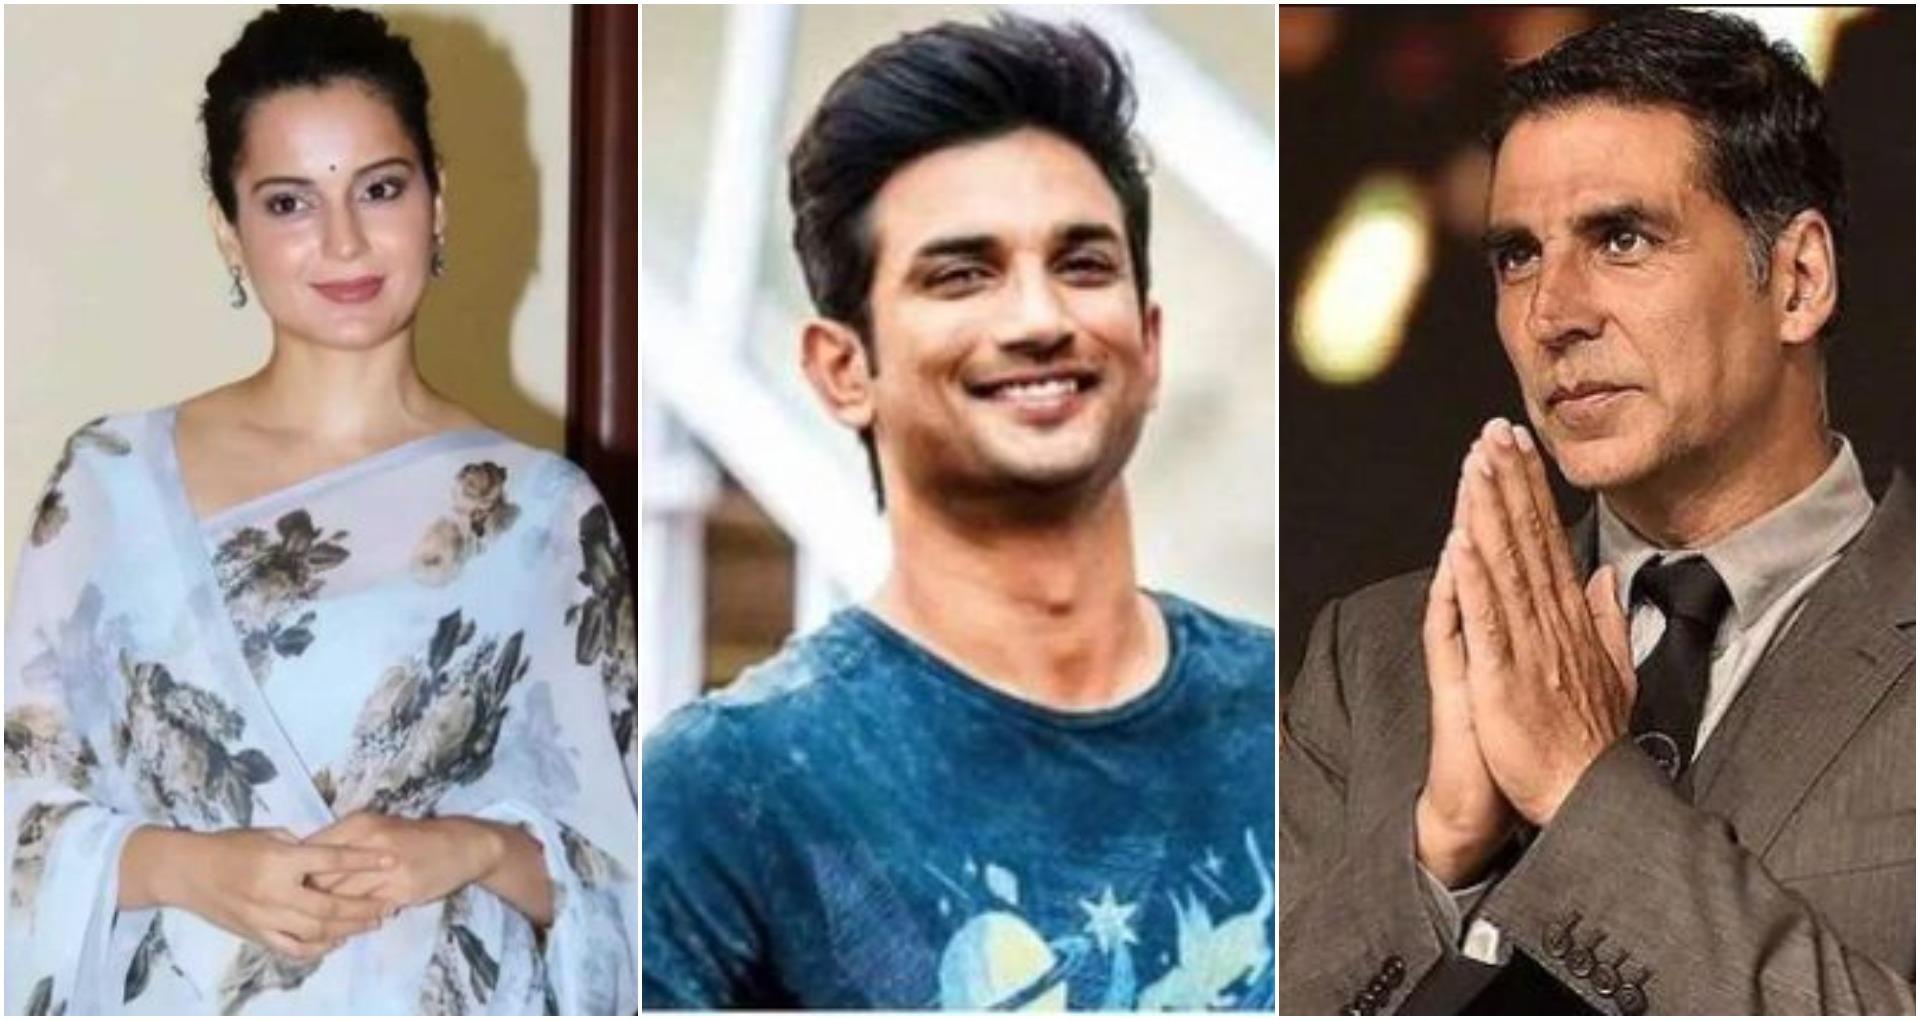 सुशांत केस: सुप्रीम कोर्ट के फैसले पर सितारों ने जताई खुशी, कंगना बोलीं-सच की हमेशा जीत होती है